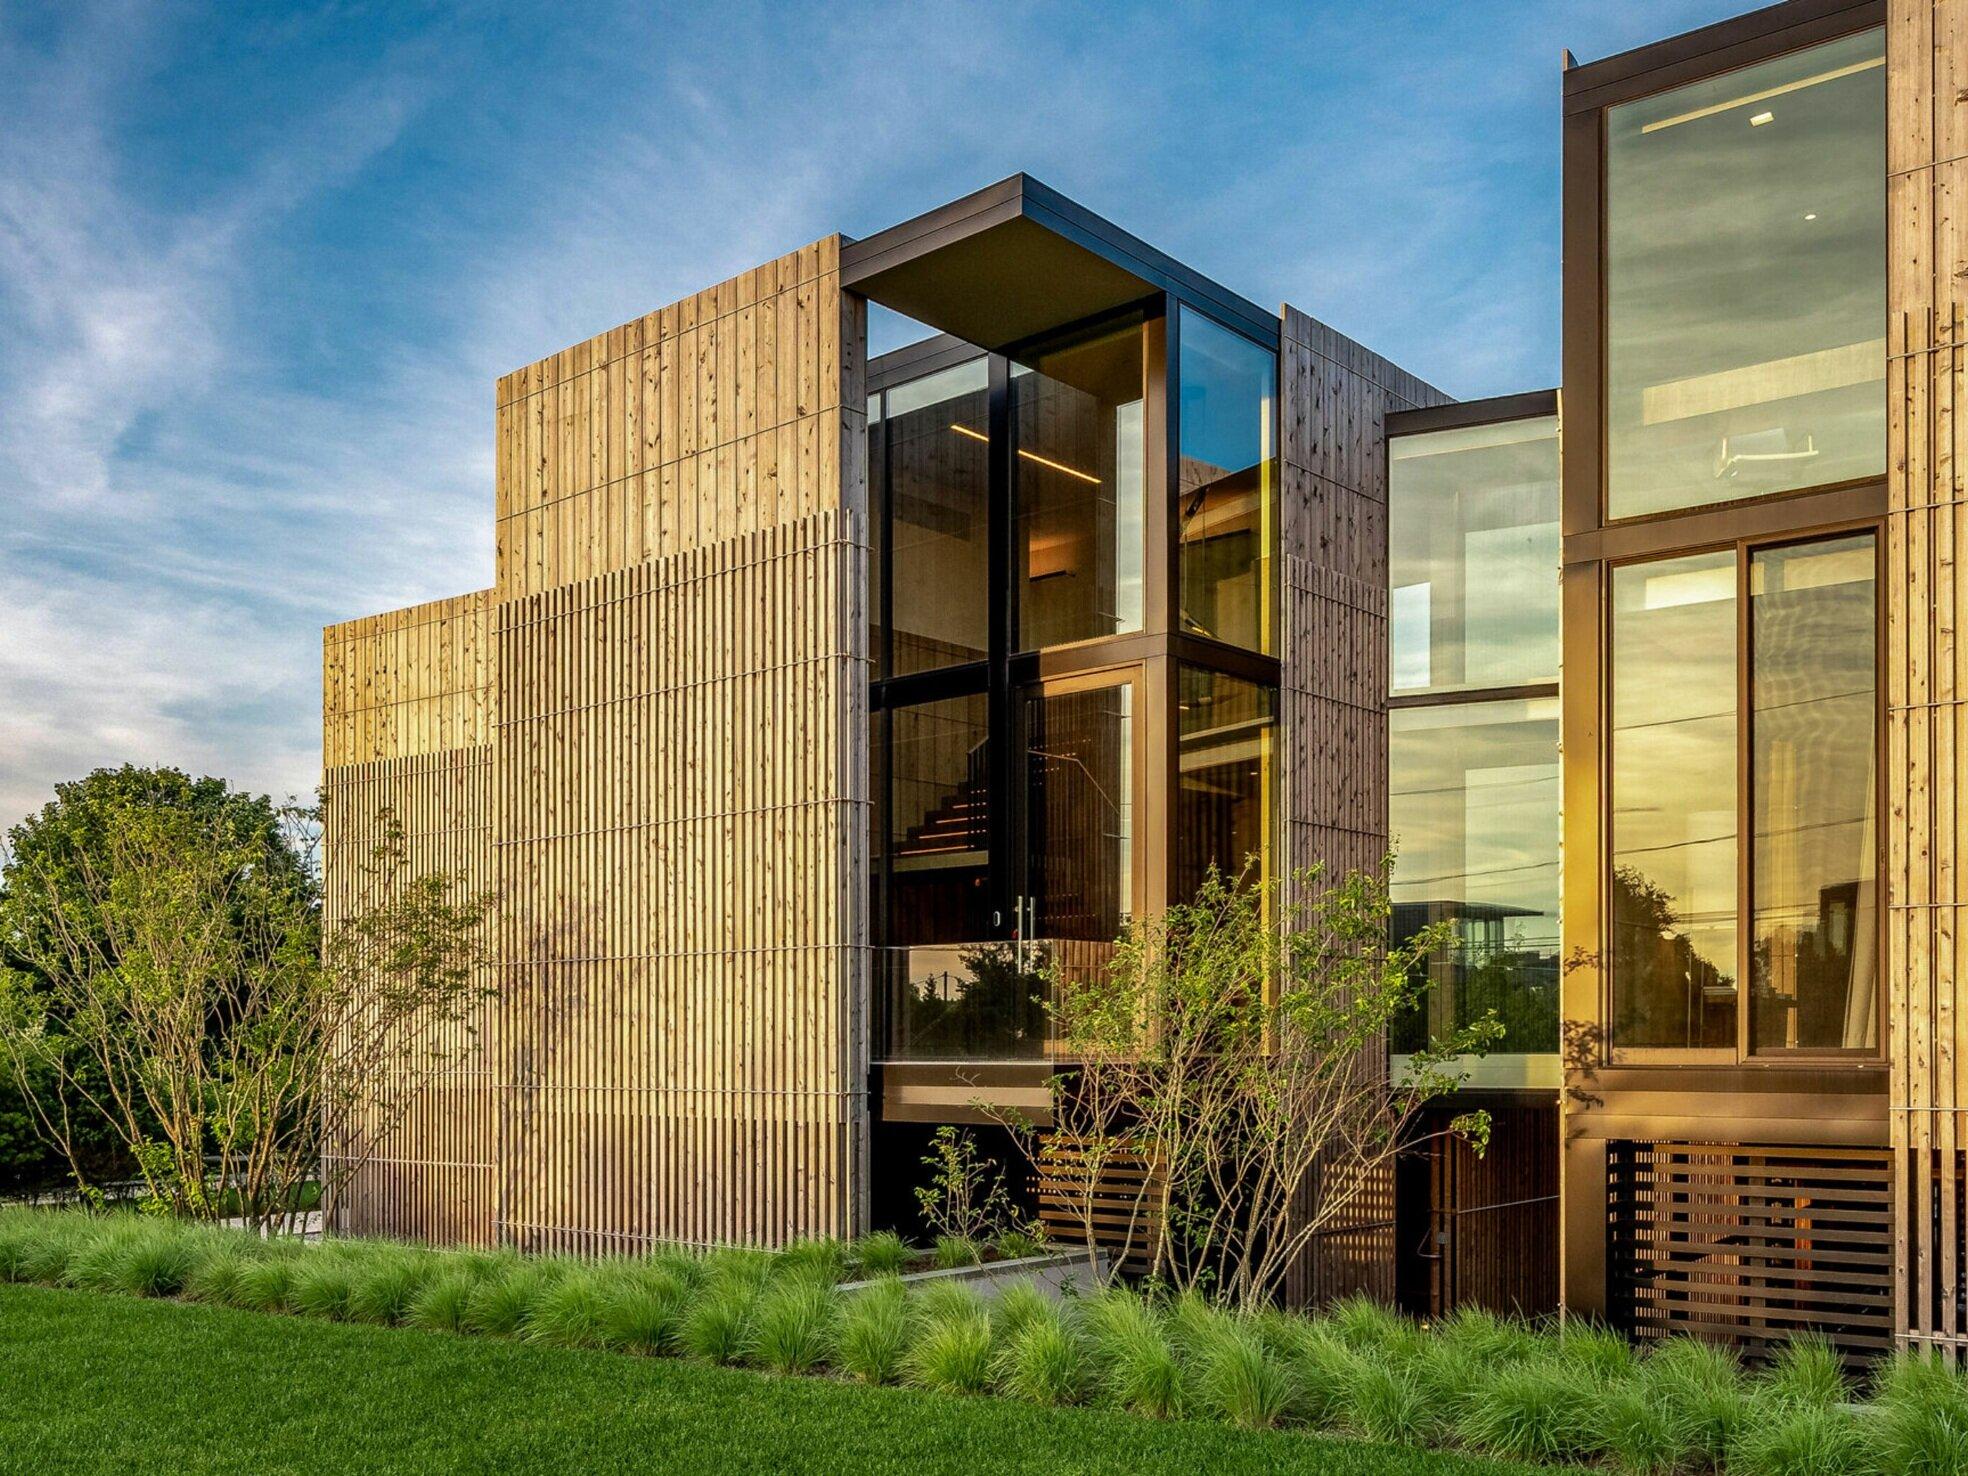 139 SEASCAPE LANE - $16,000,0005 Bedrooms6 Bathrooms // 2 Half Bathrooms5,000 SQFT // Approx. 665 EXT SQ FT